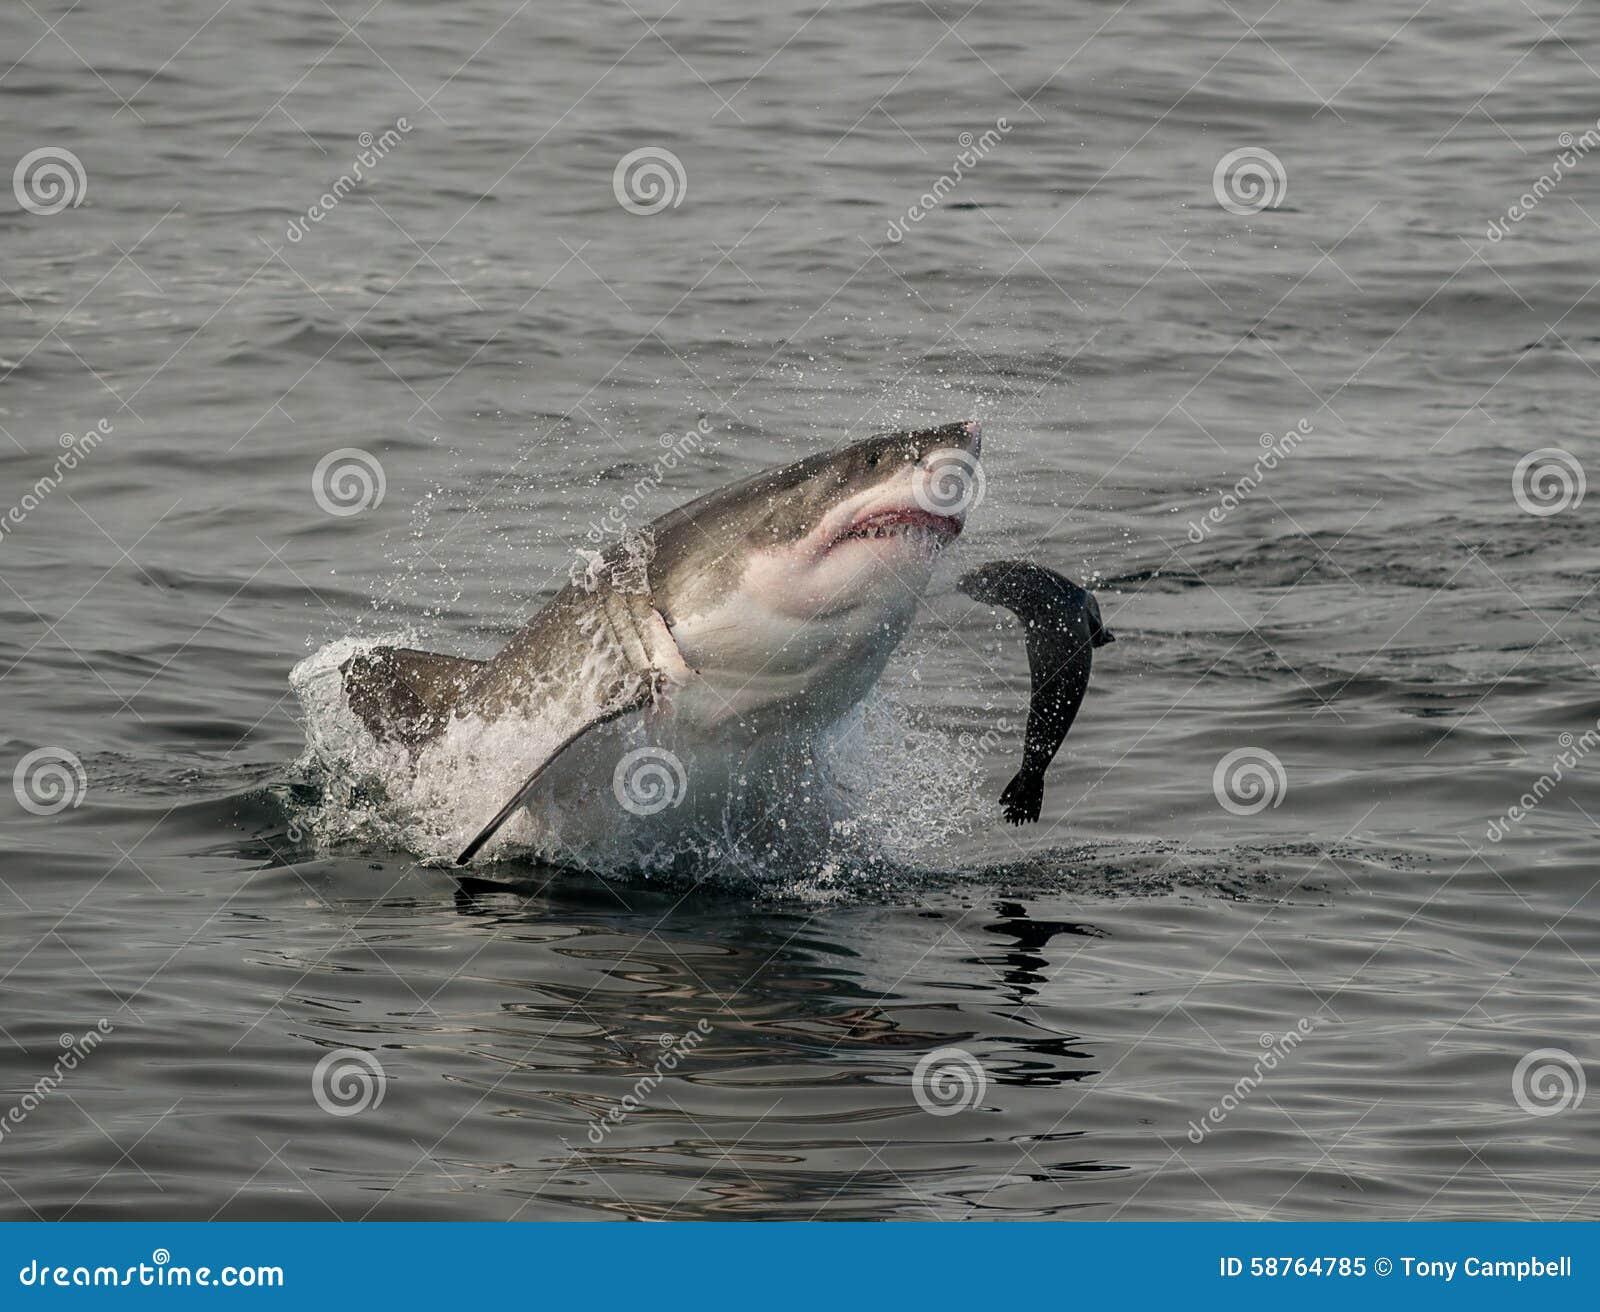 Great white shark breaching